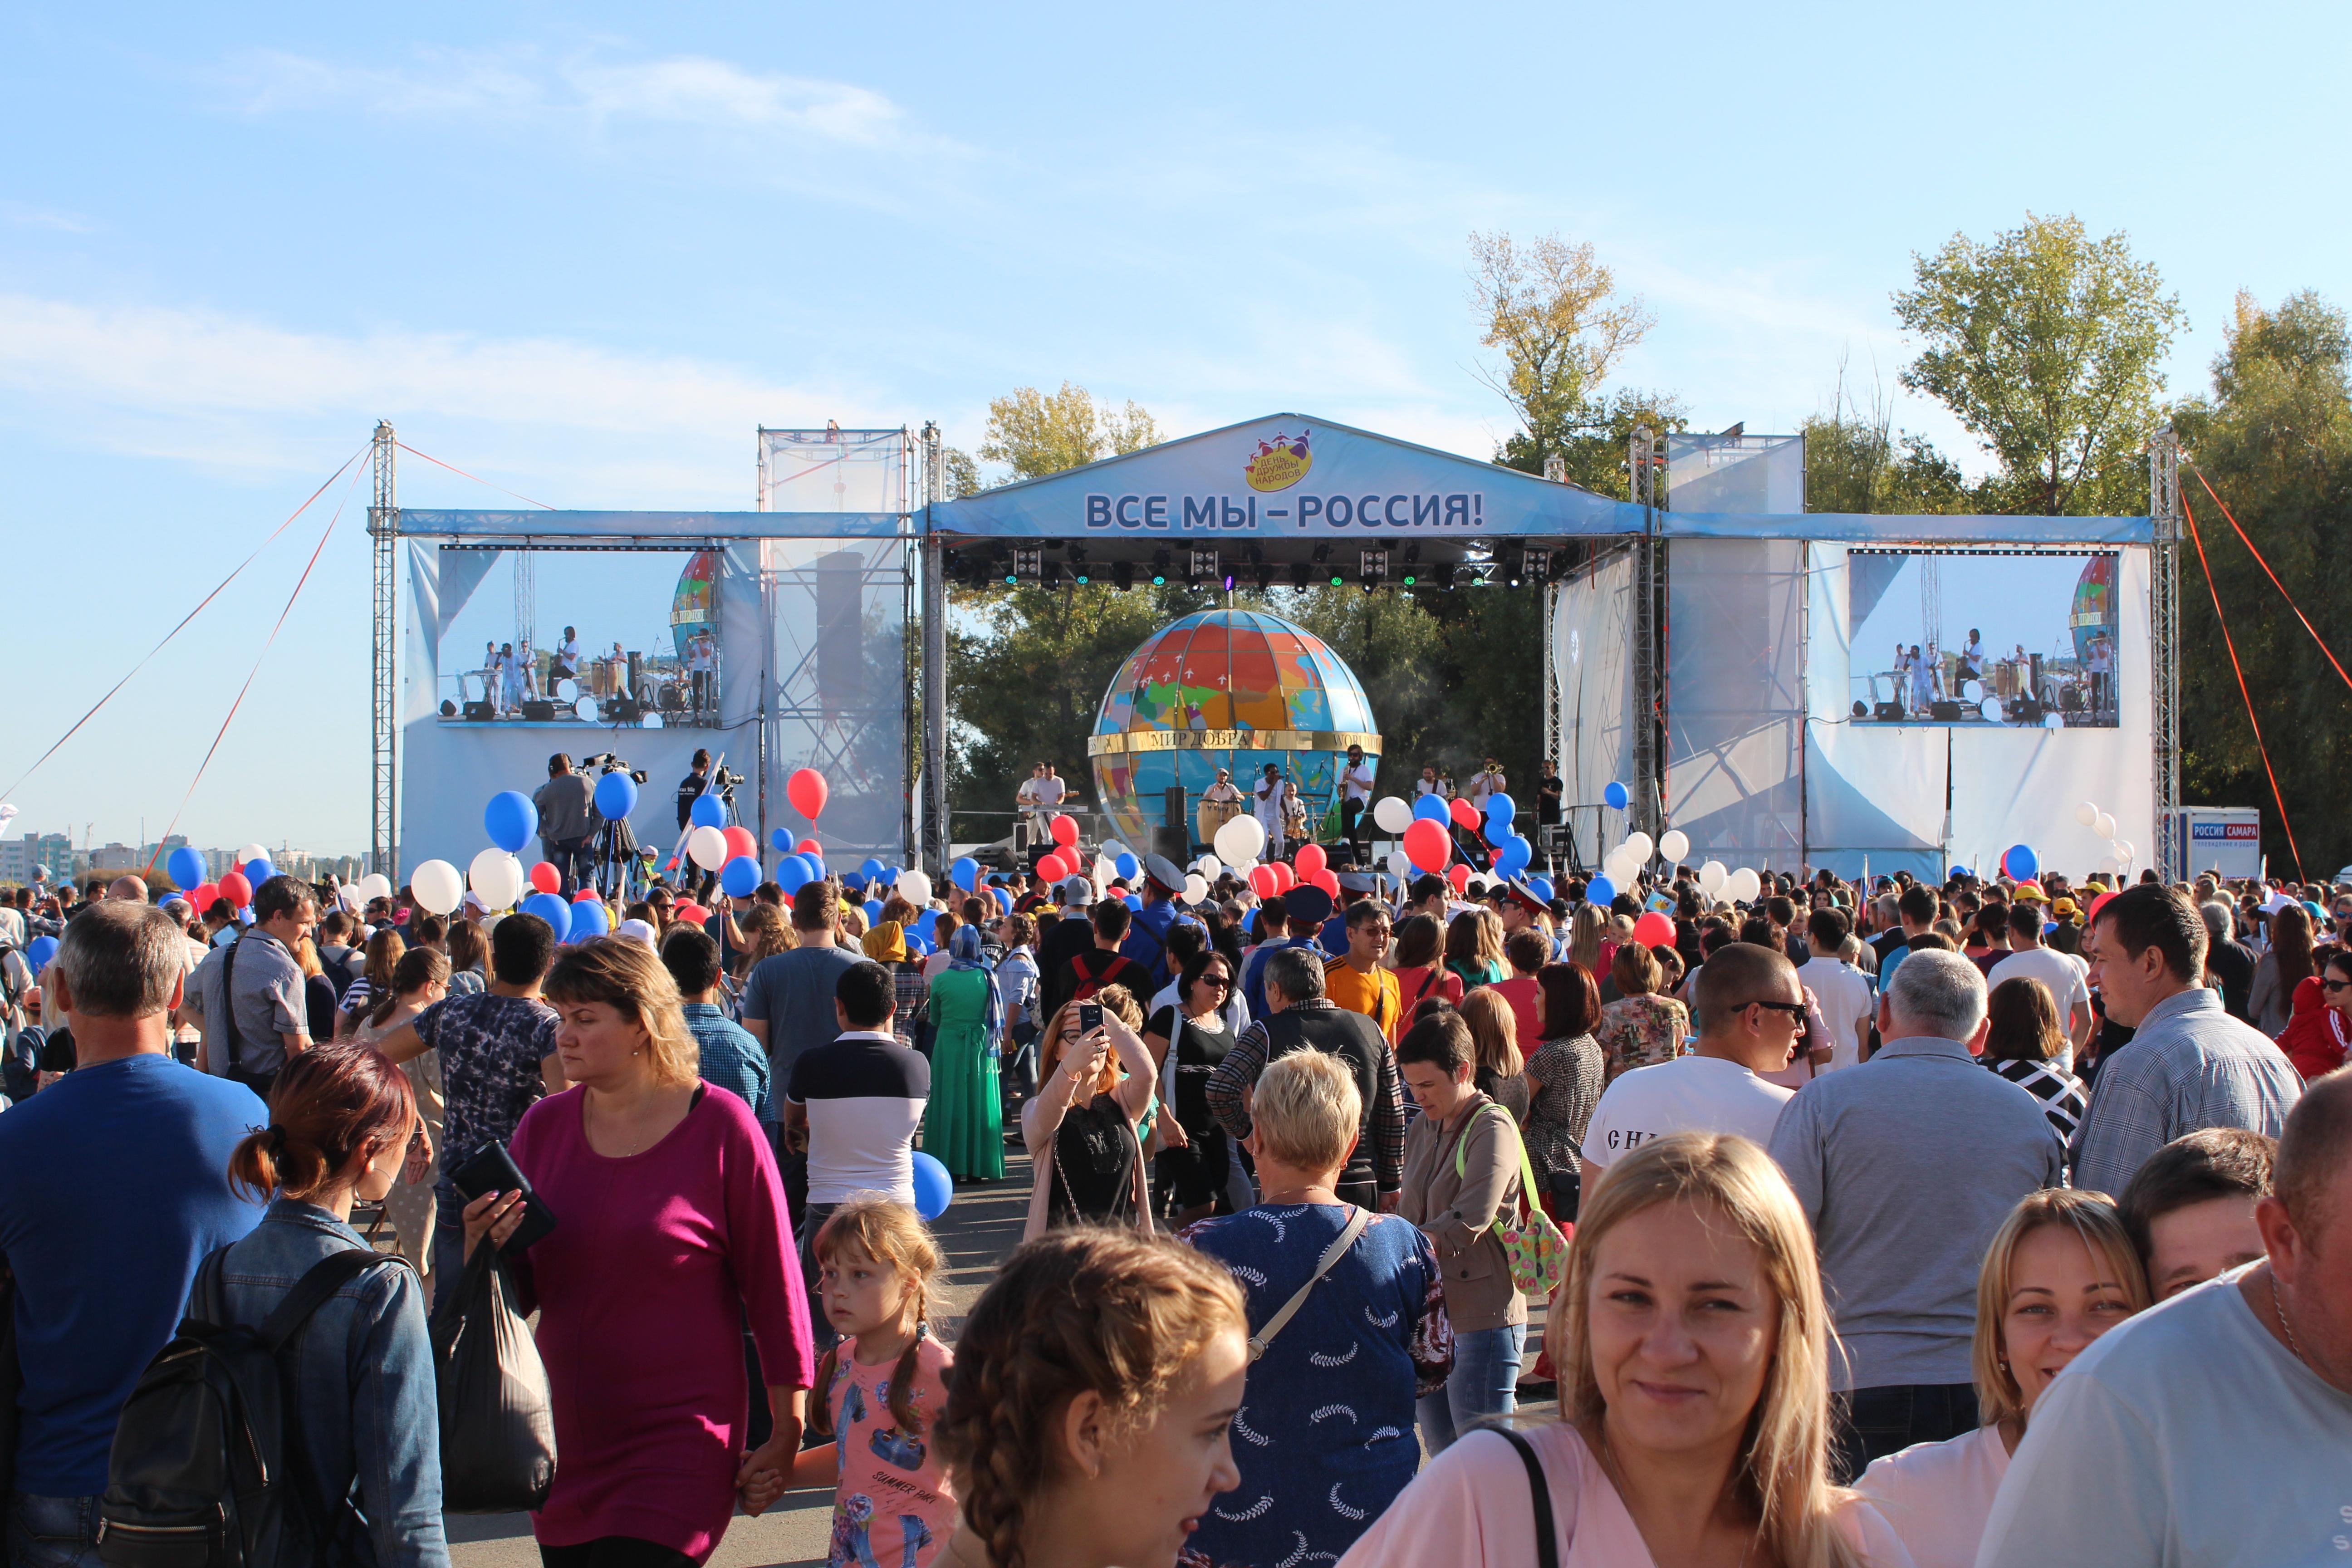 В Самаре с размахом отметили День дружбы народов